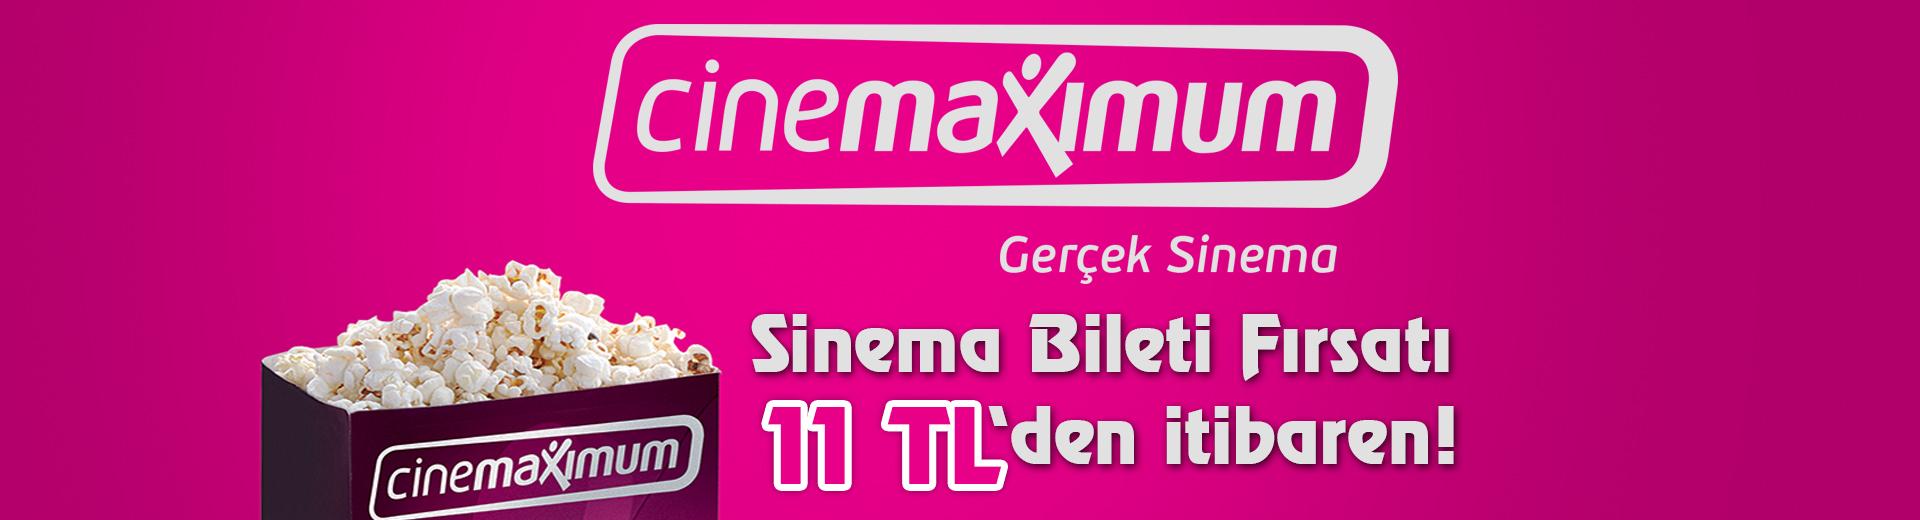 Tüm Türkiye'deki Cinemaximum'larda Geçerli Sinema Bileti veya Popcorn Seçenekleri!